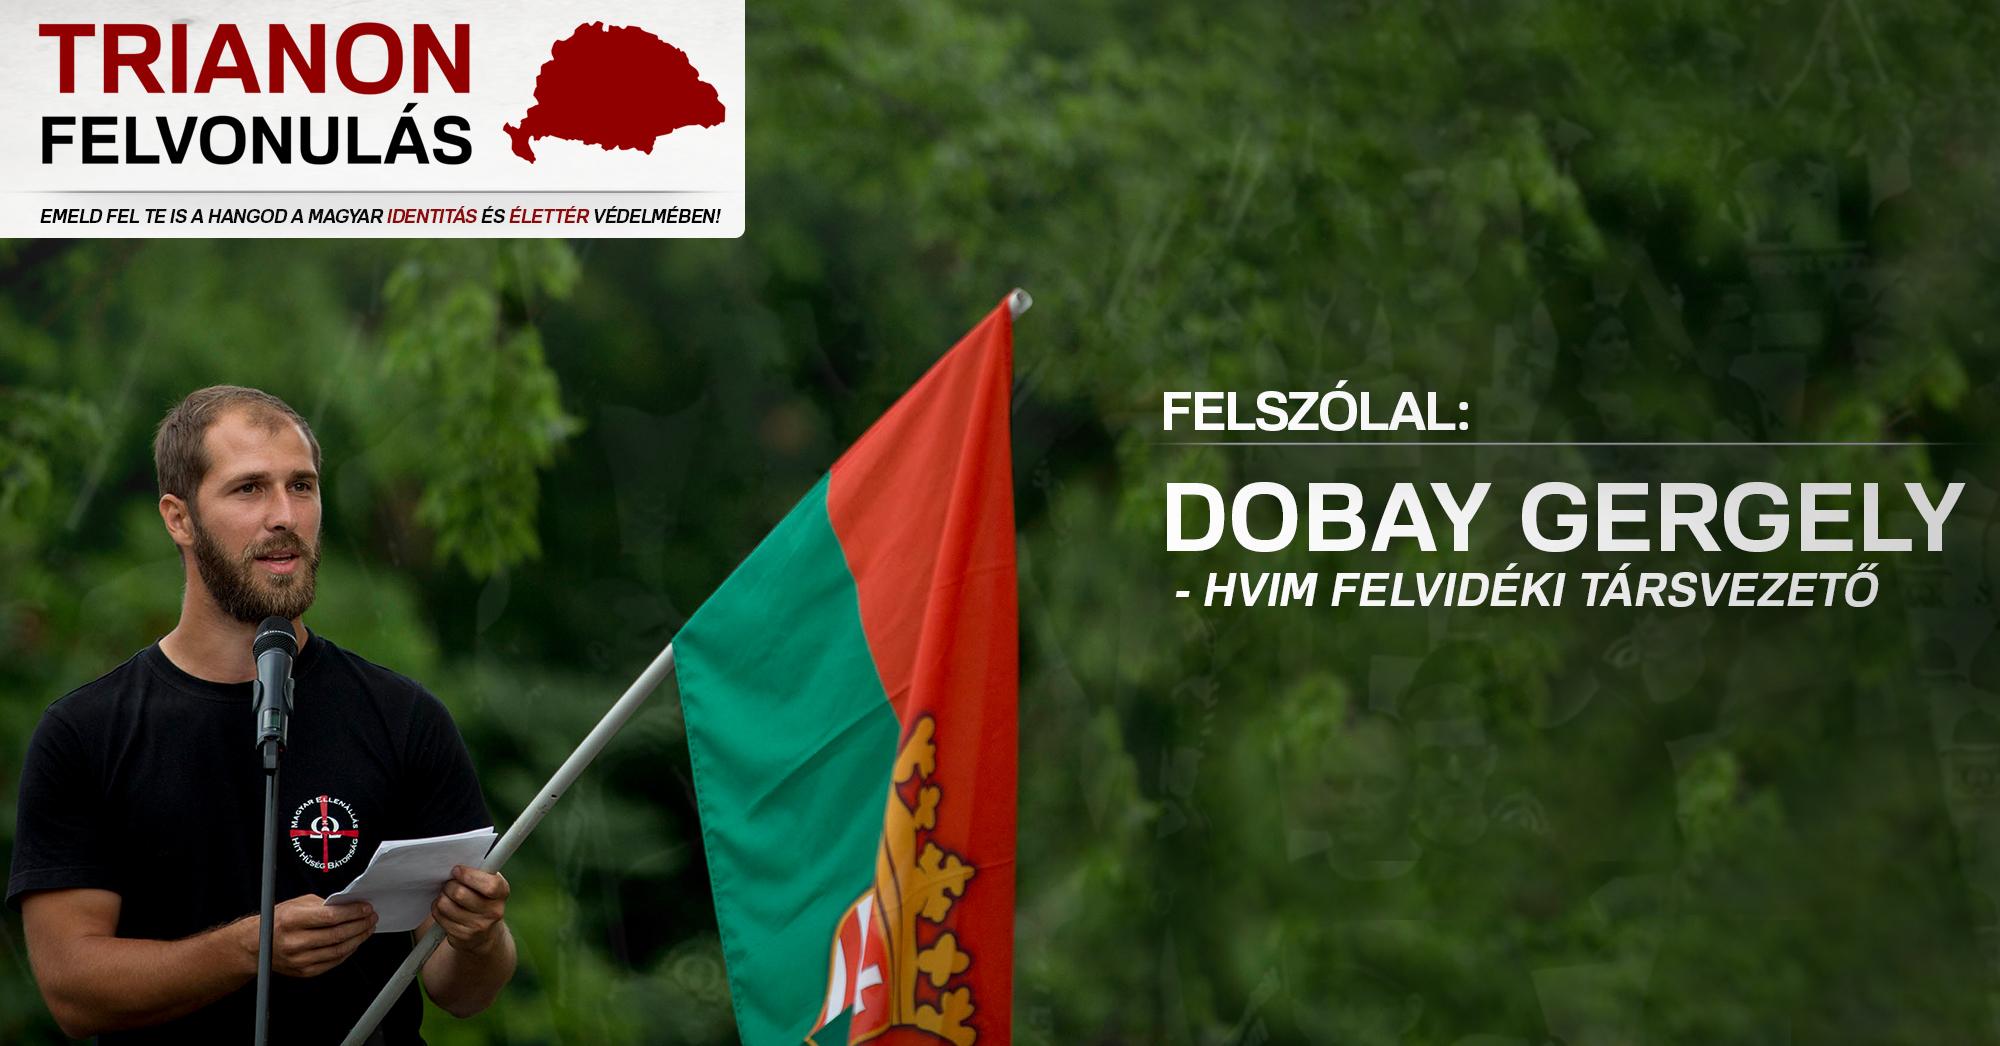 Dobay